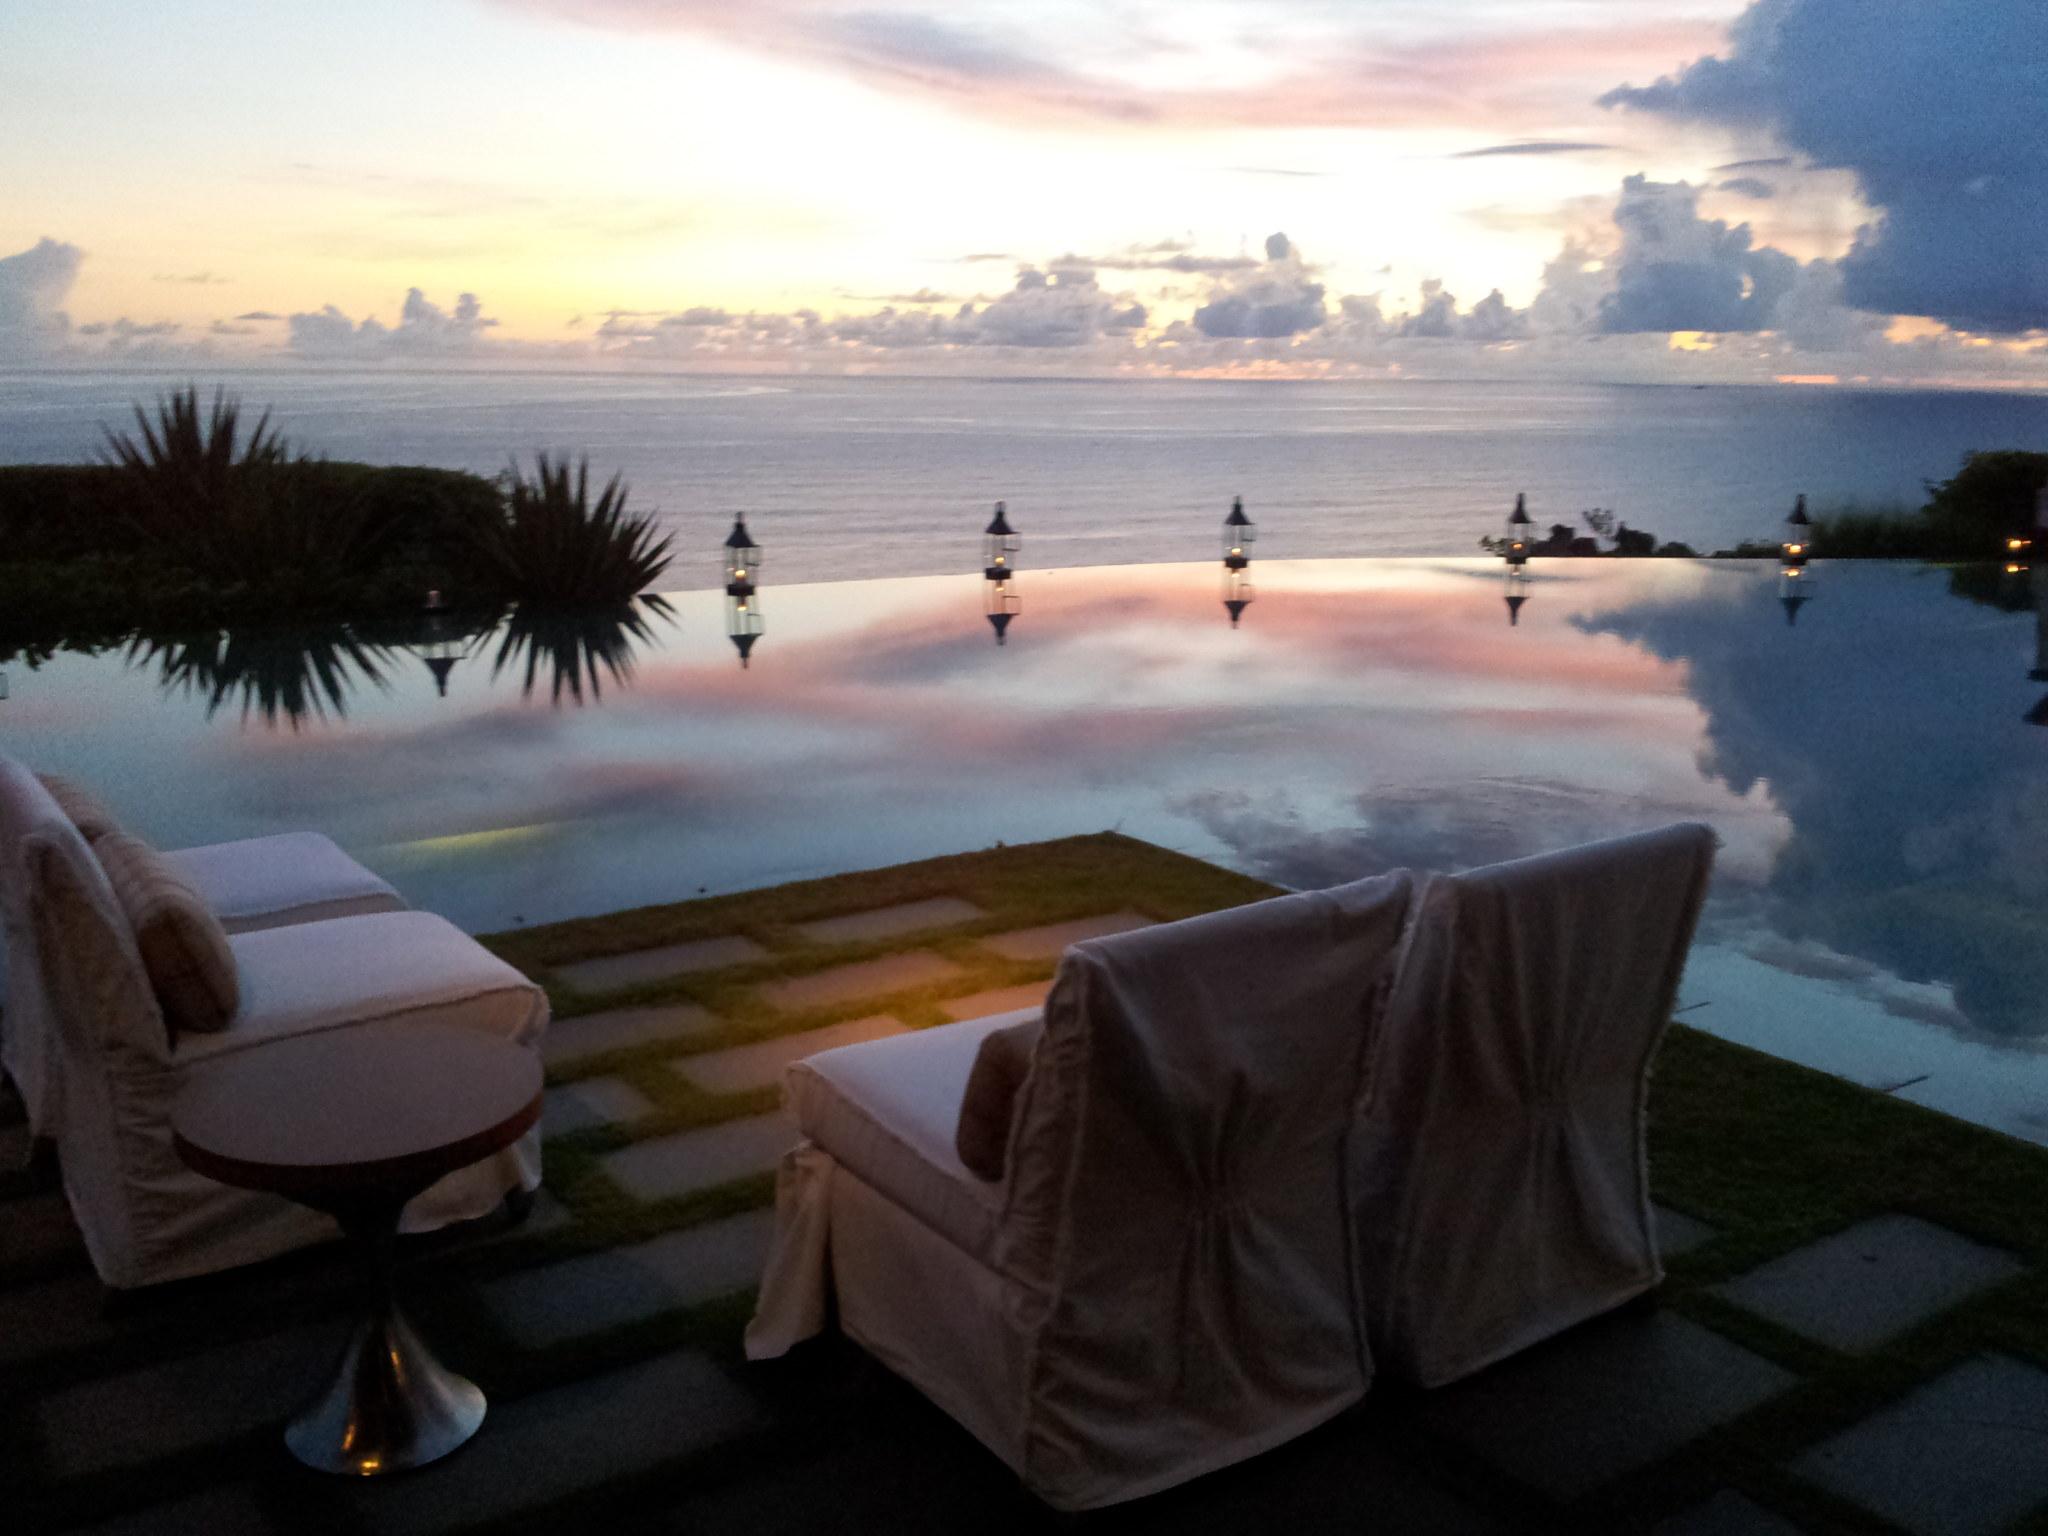 神々の宿る楽園。バリ島へ、美食を届けるプロジェクト。_c0007246_1101811.jpg